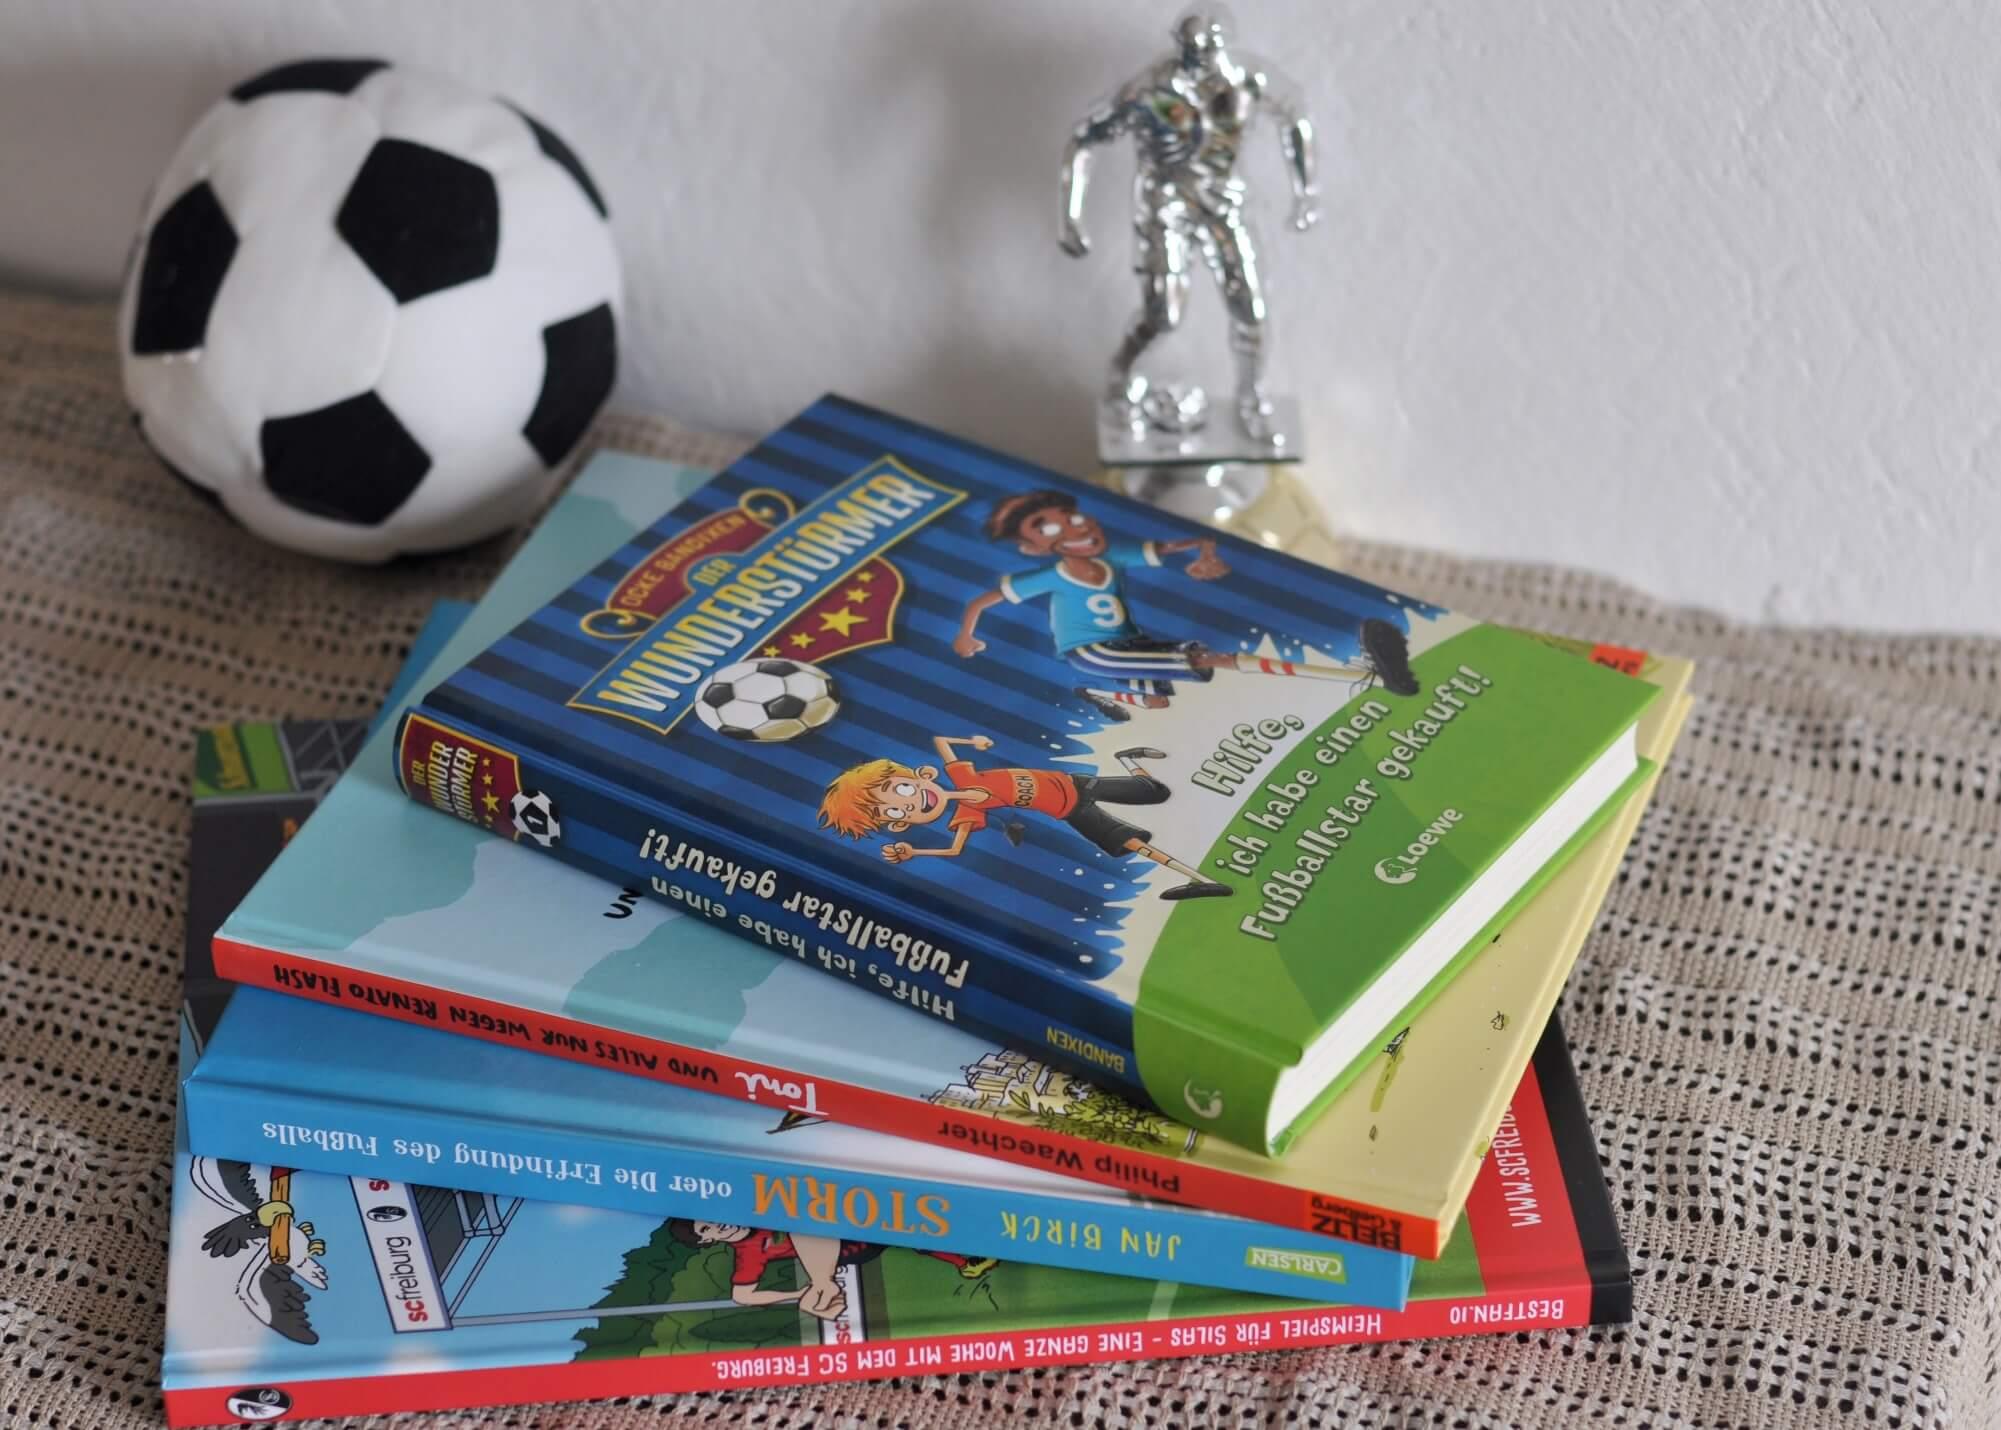 Ob personalisiertes Bilderbuch, Comic, Reihe oder klassisches Kinderbuch - es gibt richtig tolle Fußballbücher. Vier davon stelle ich euch vor. #kidnerbuch #fußball #buch #lesen #vorlesen #comic